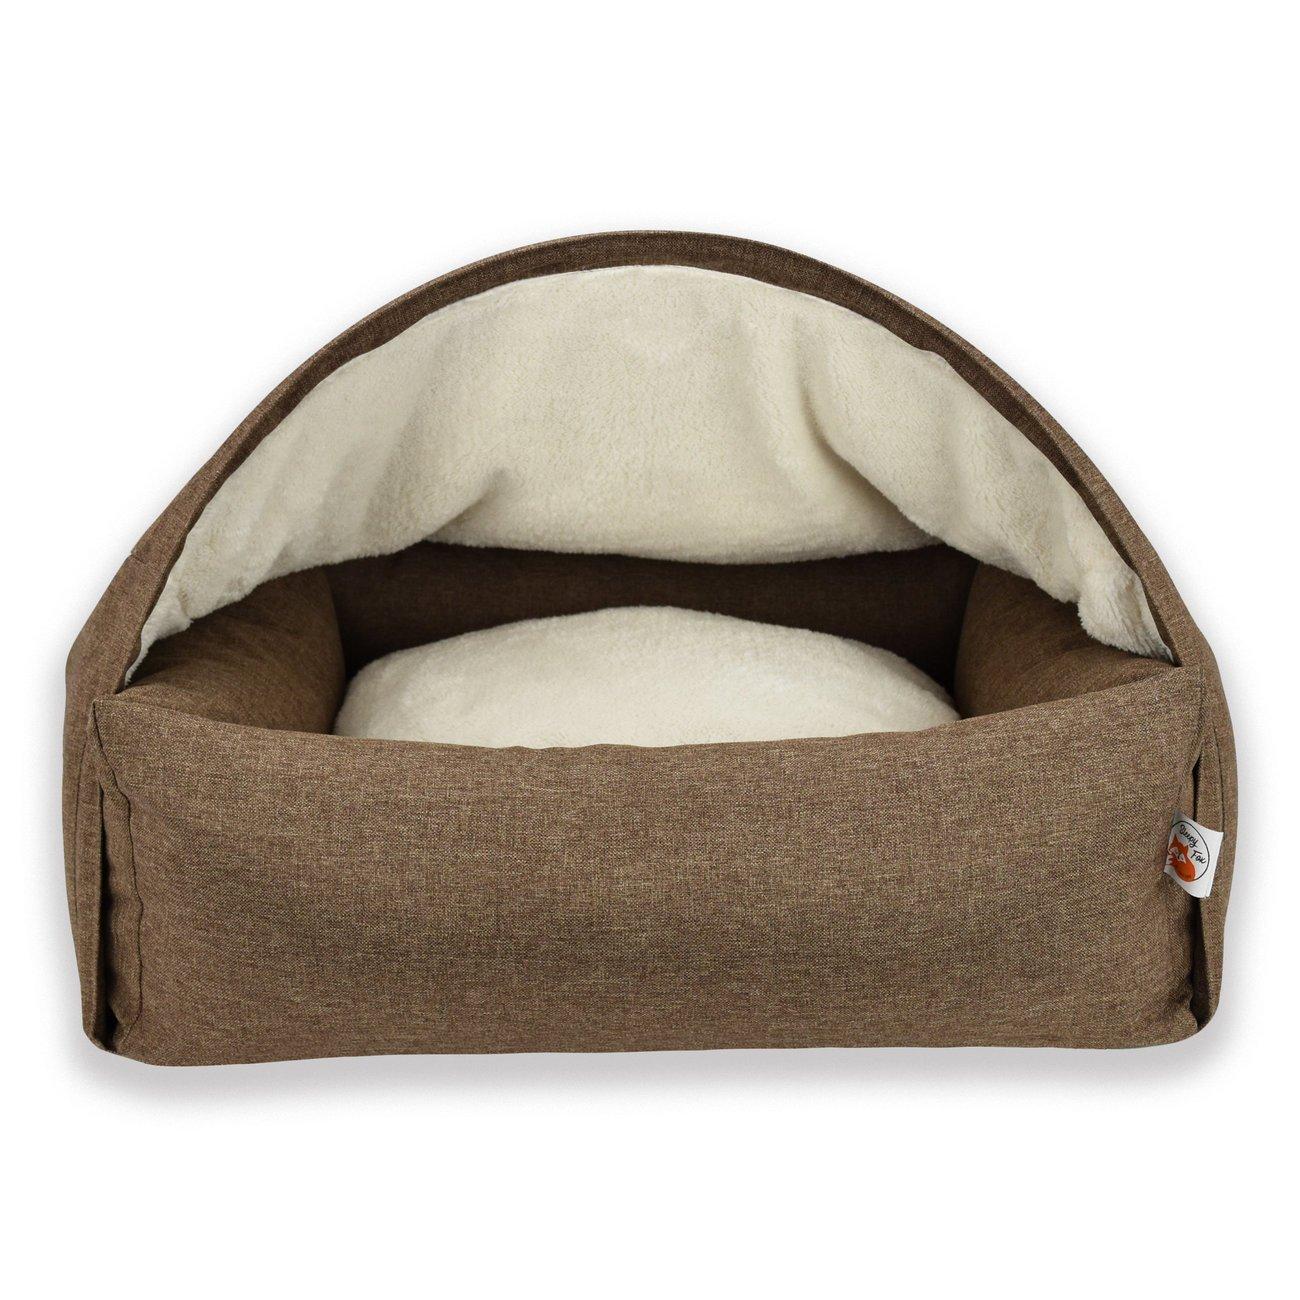 Sleepy Fox® Kuschelhöhlen Hundebett, Bild 3